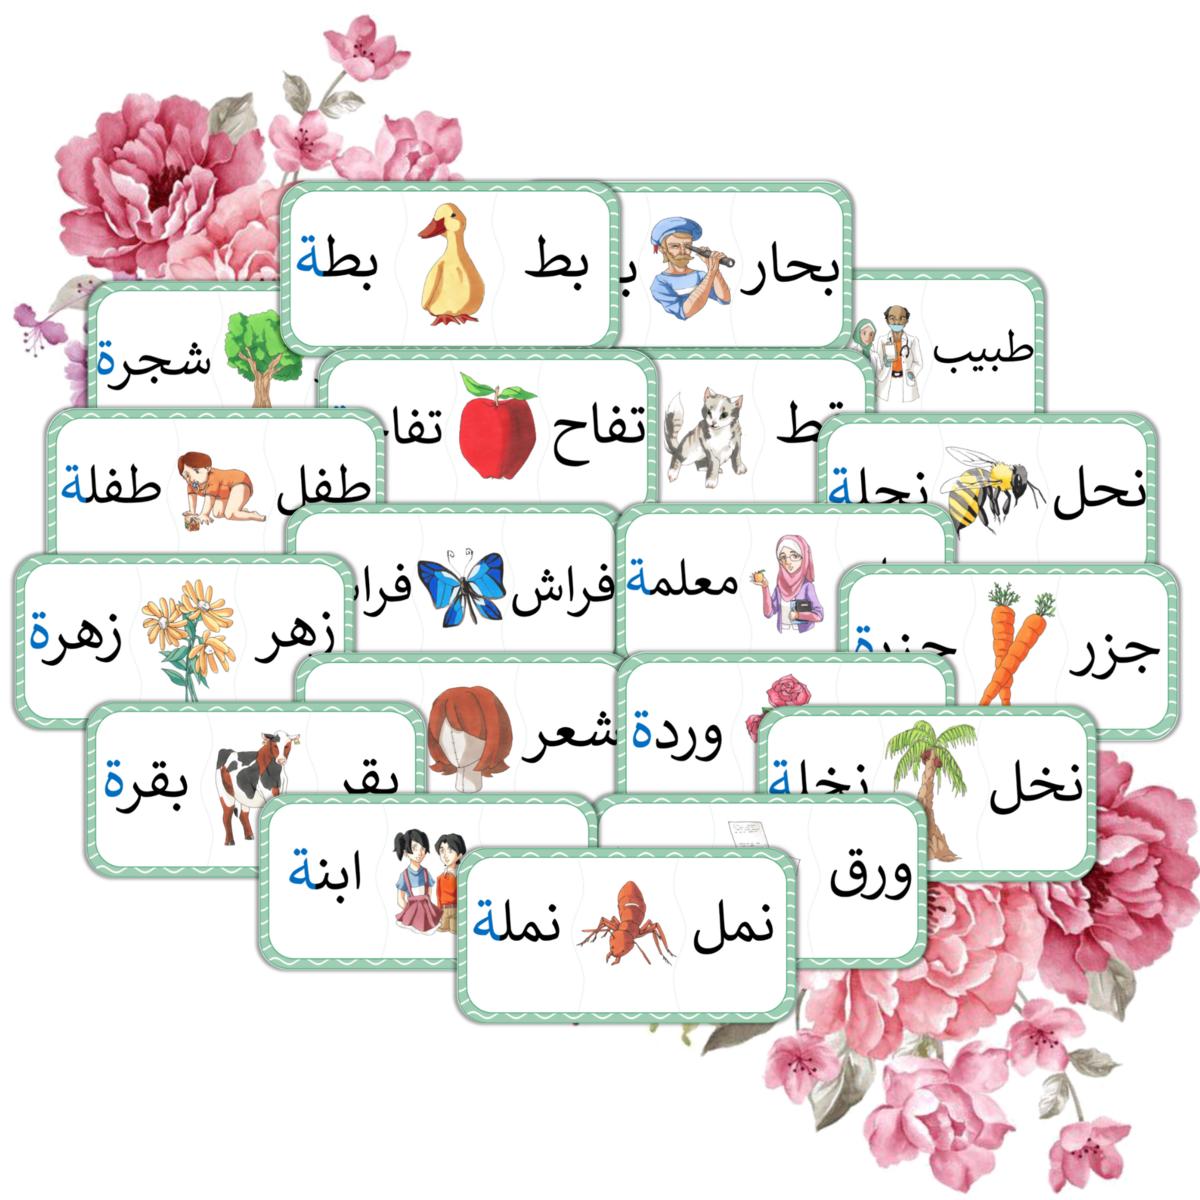 بطاقات التاء المربوطة 20 بطاقة Alphabet Printables Arabic Worksheets Arabic Books